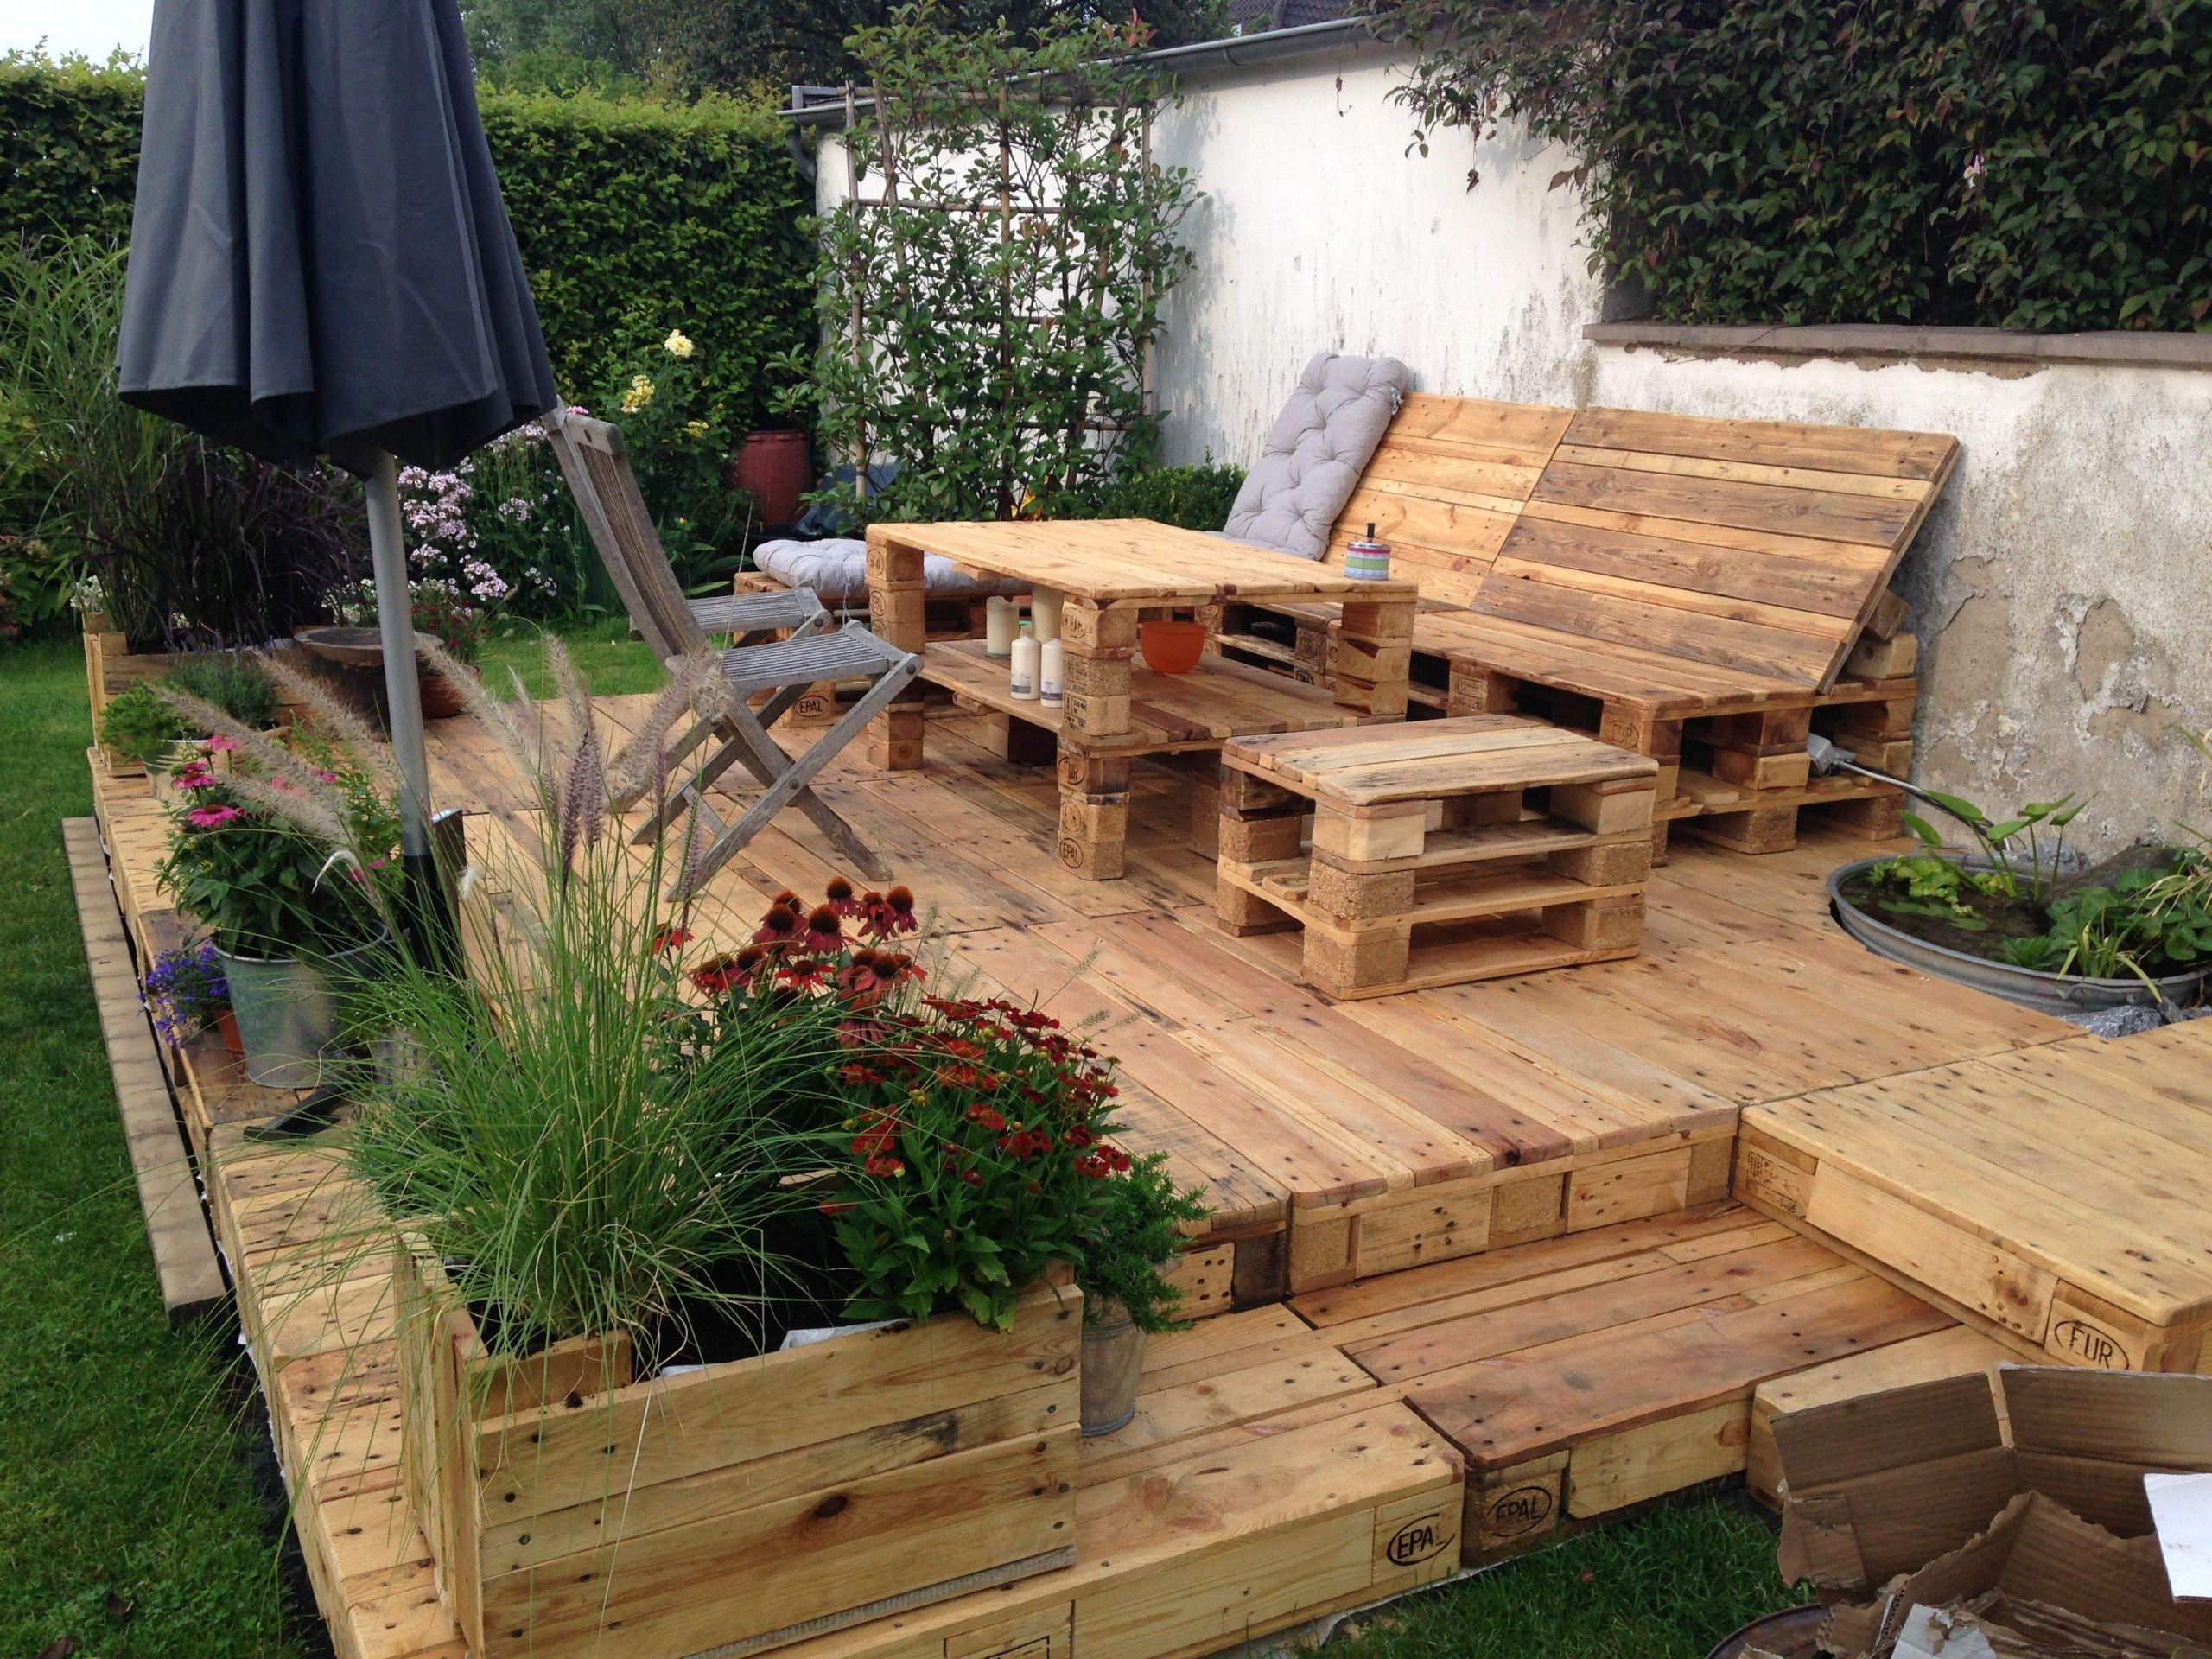 Sitzecke Garten Holz Frisch Terasse Aus Paletten Der sommer Steht Vor Der Tür Und Der